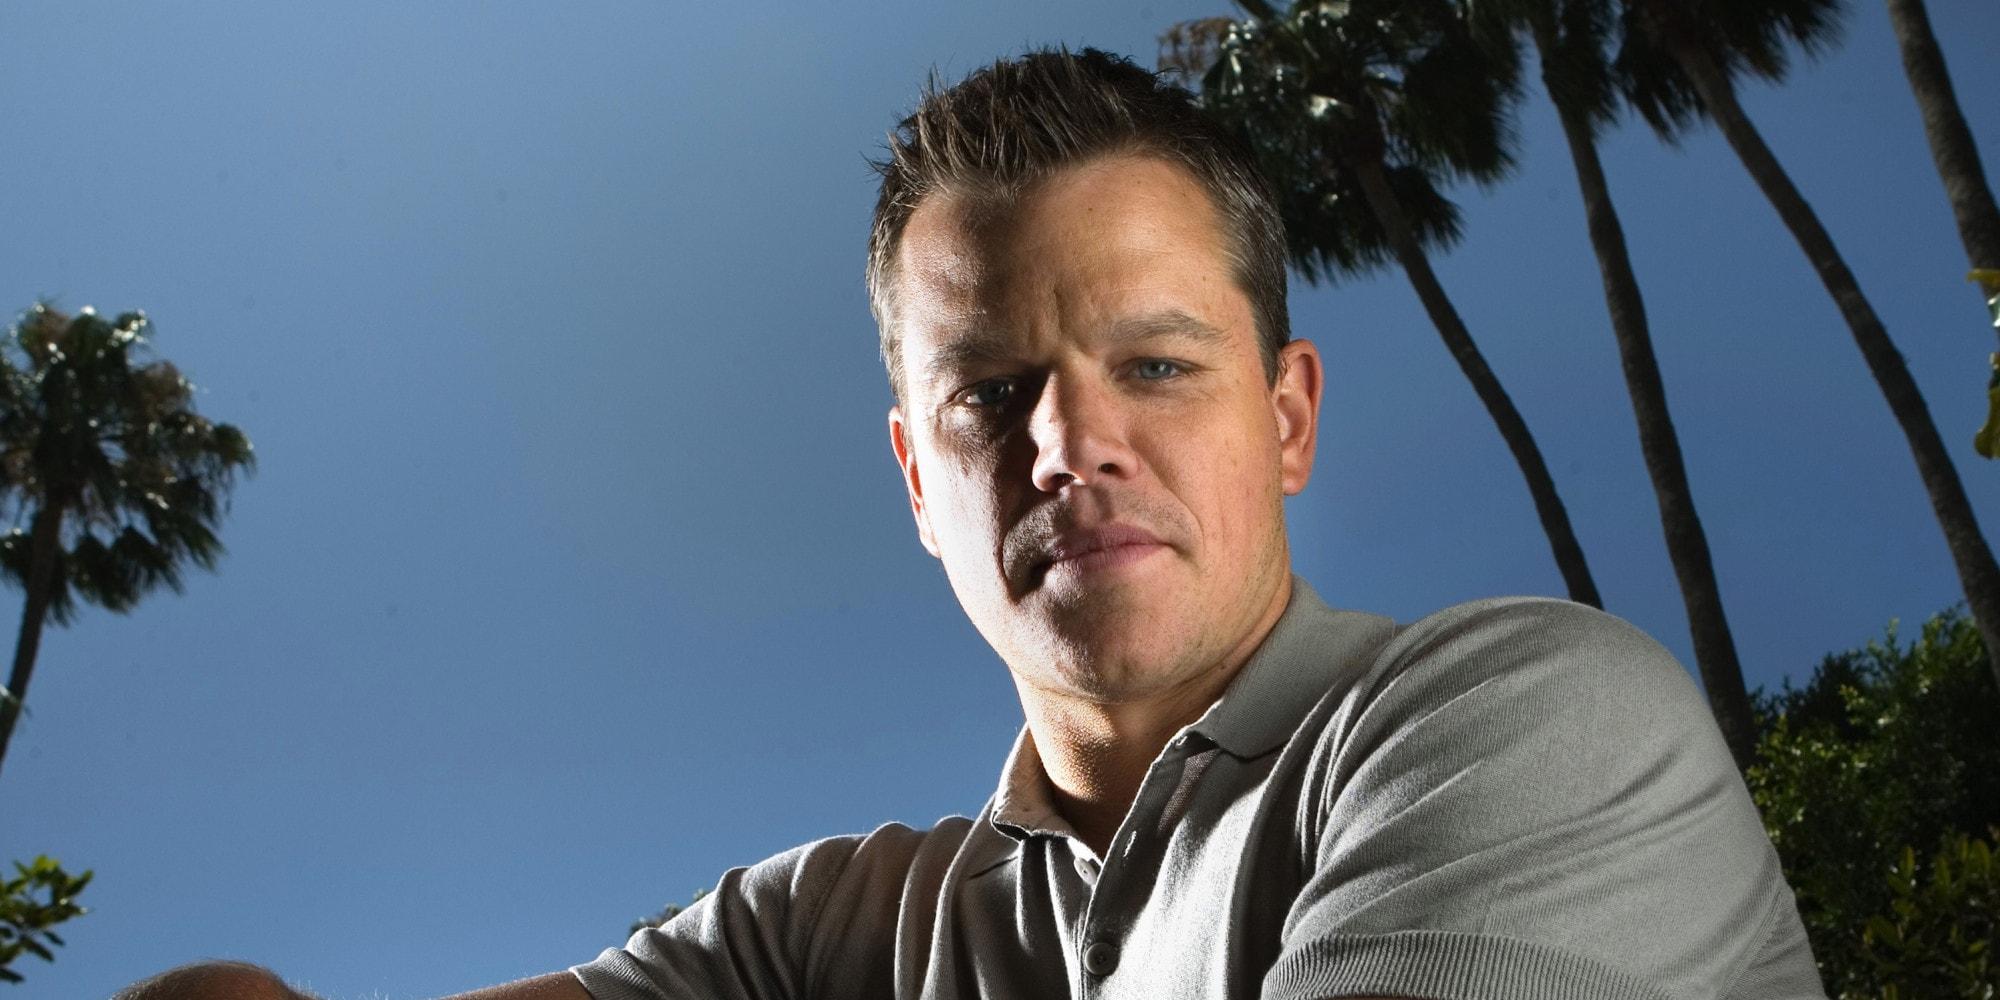 Untitled Jeremy Renner/Bourne Sequel for mobile